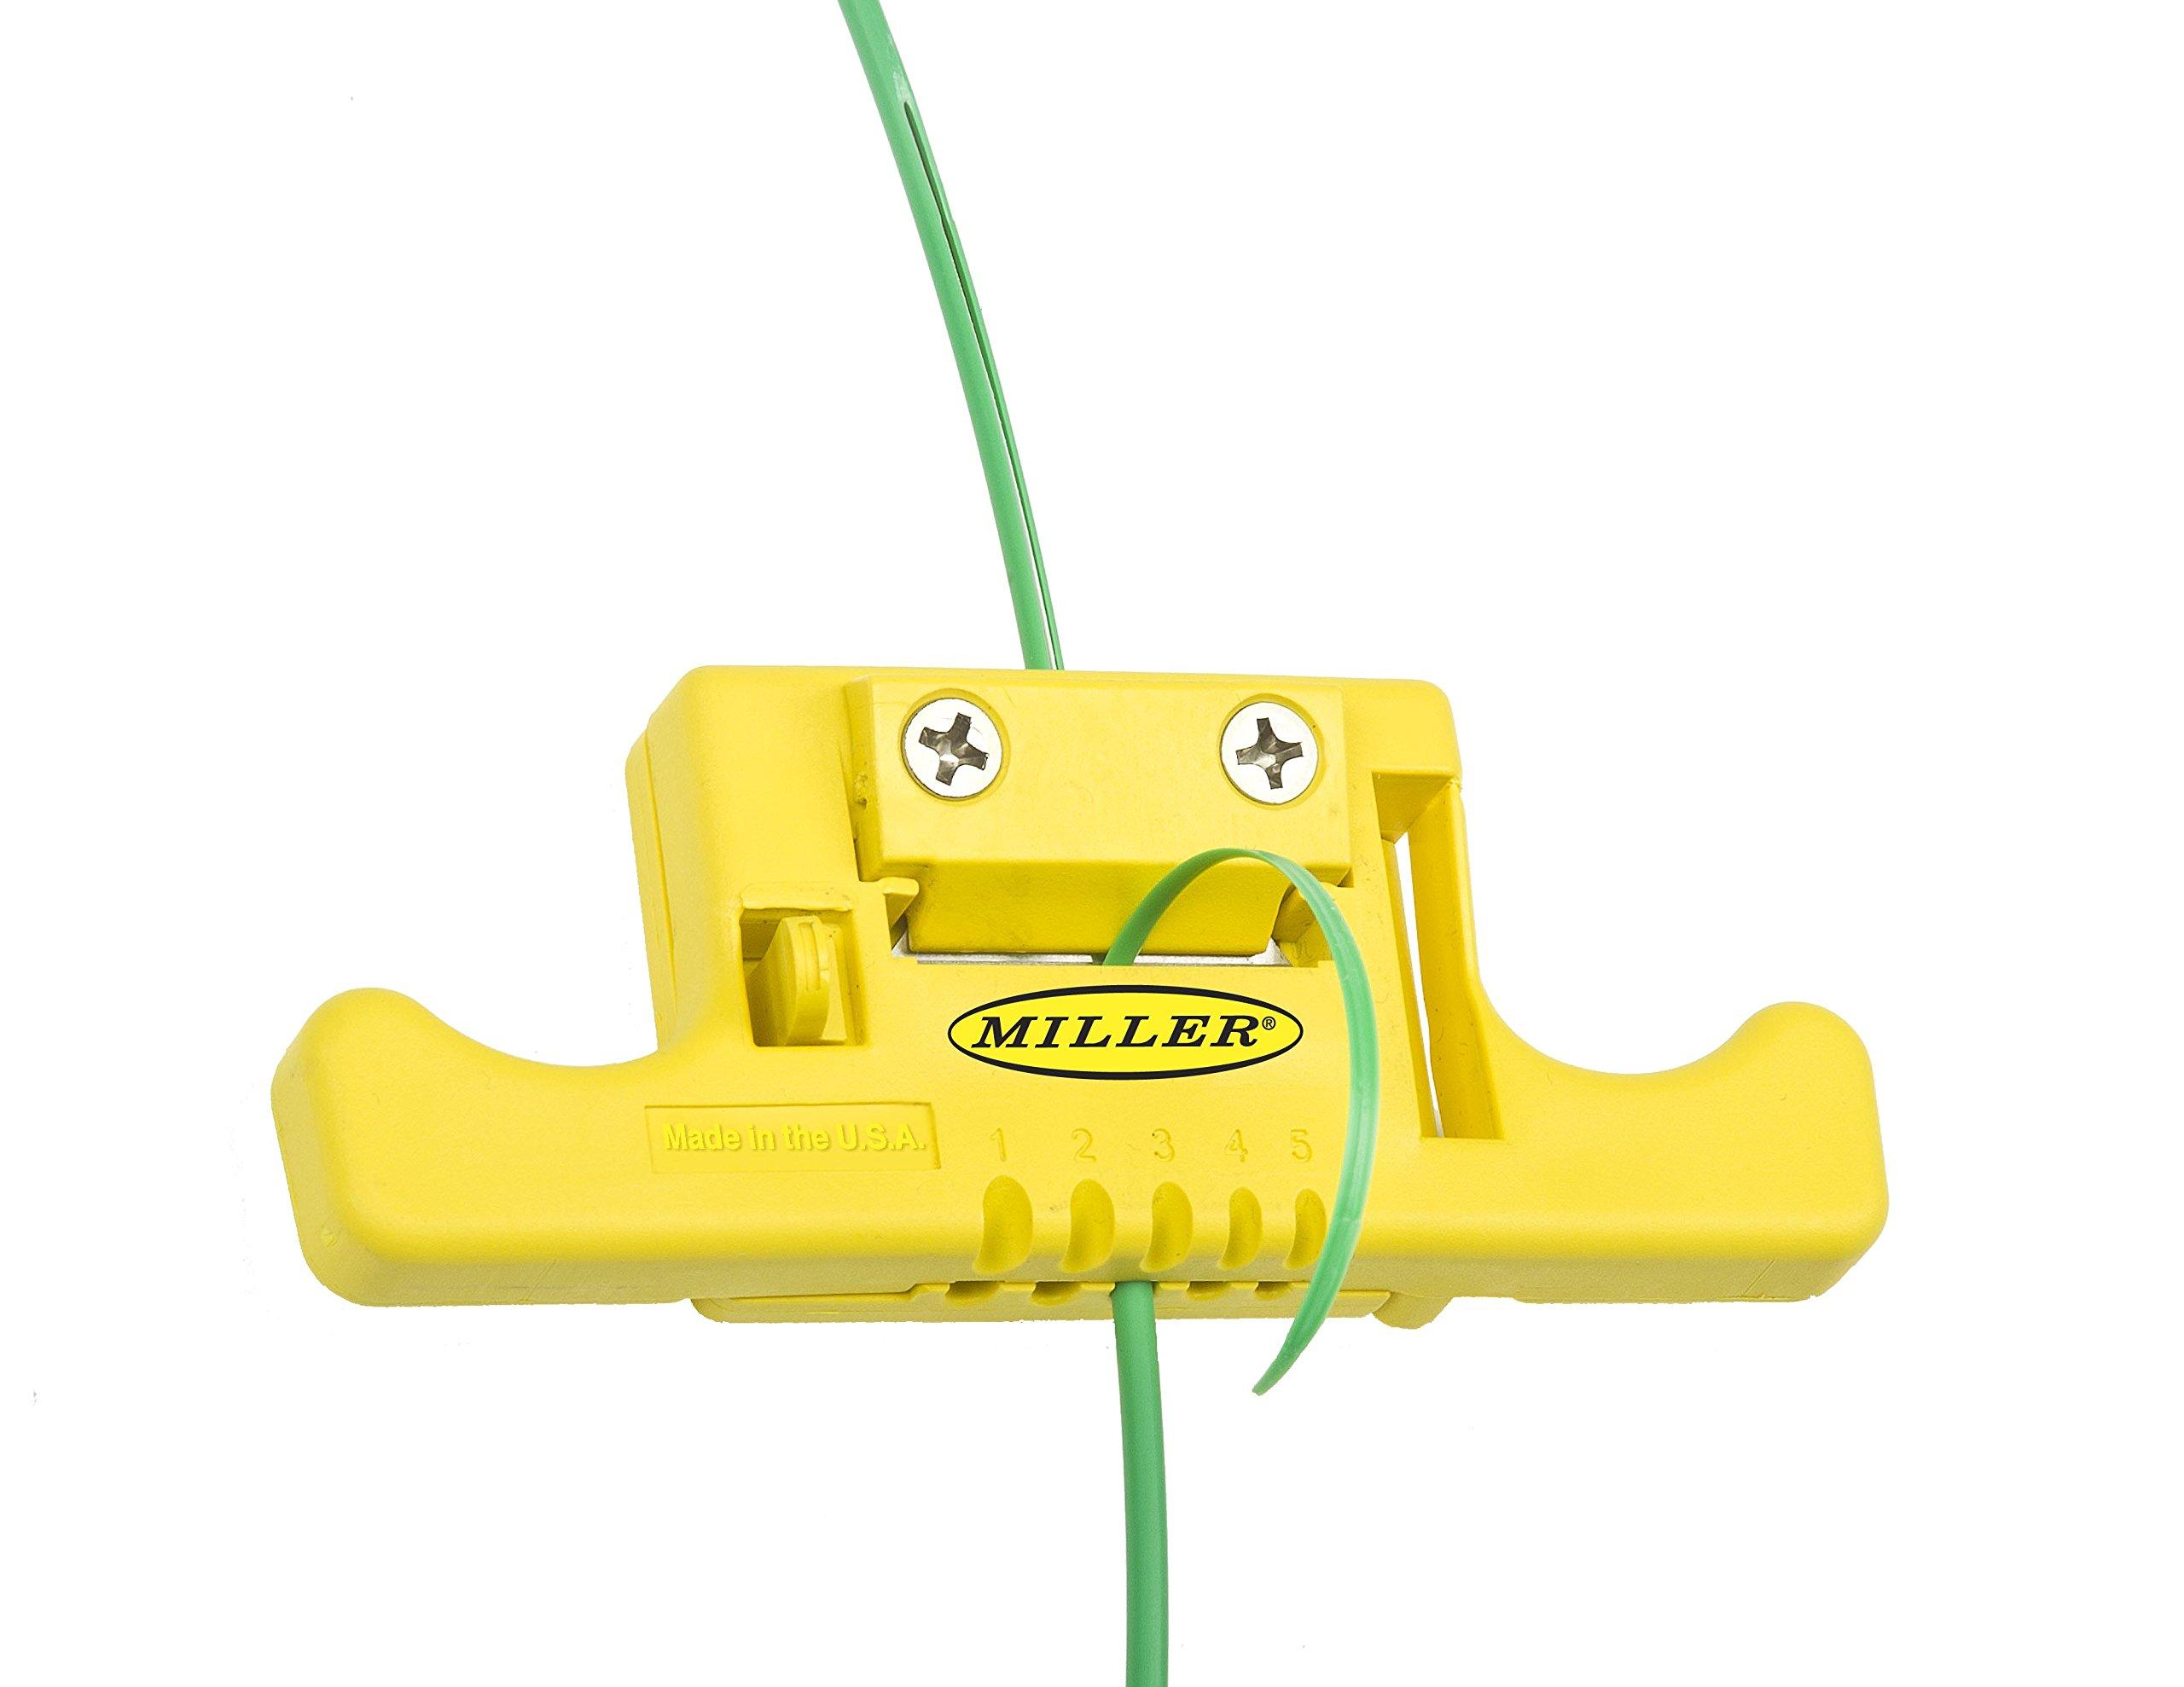 Miller 80930-MSAT 5 Wire Stripper by Miller